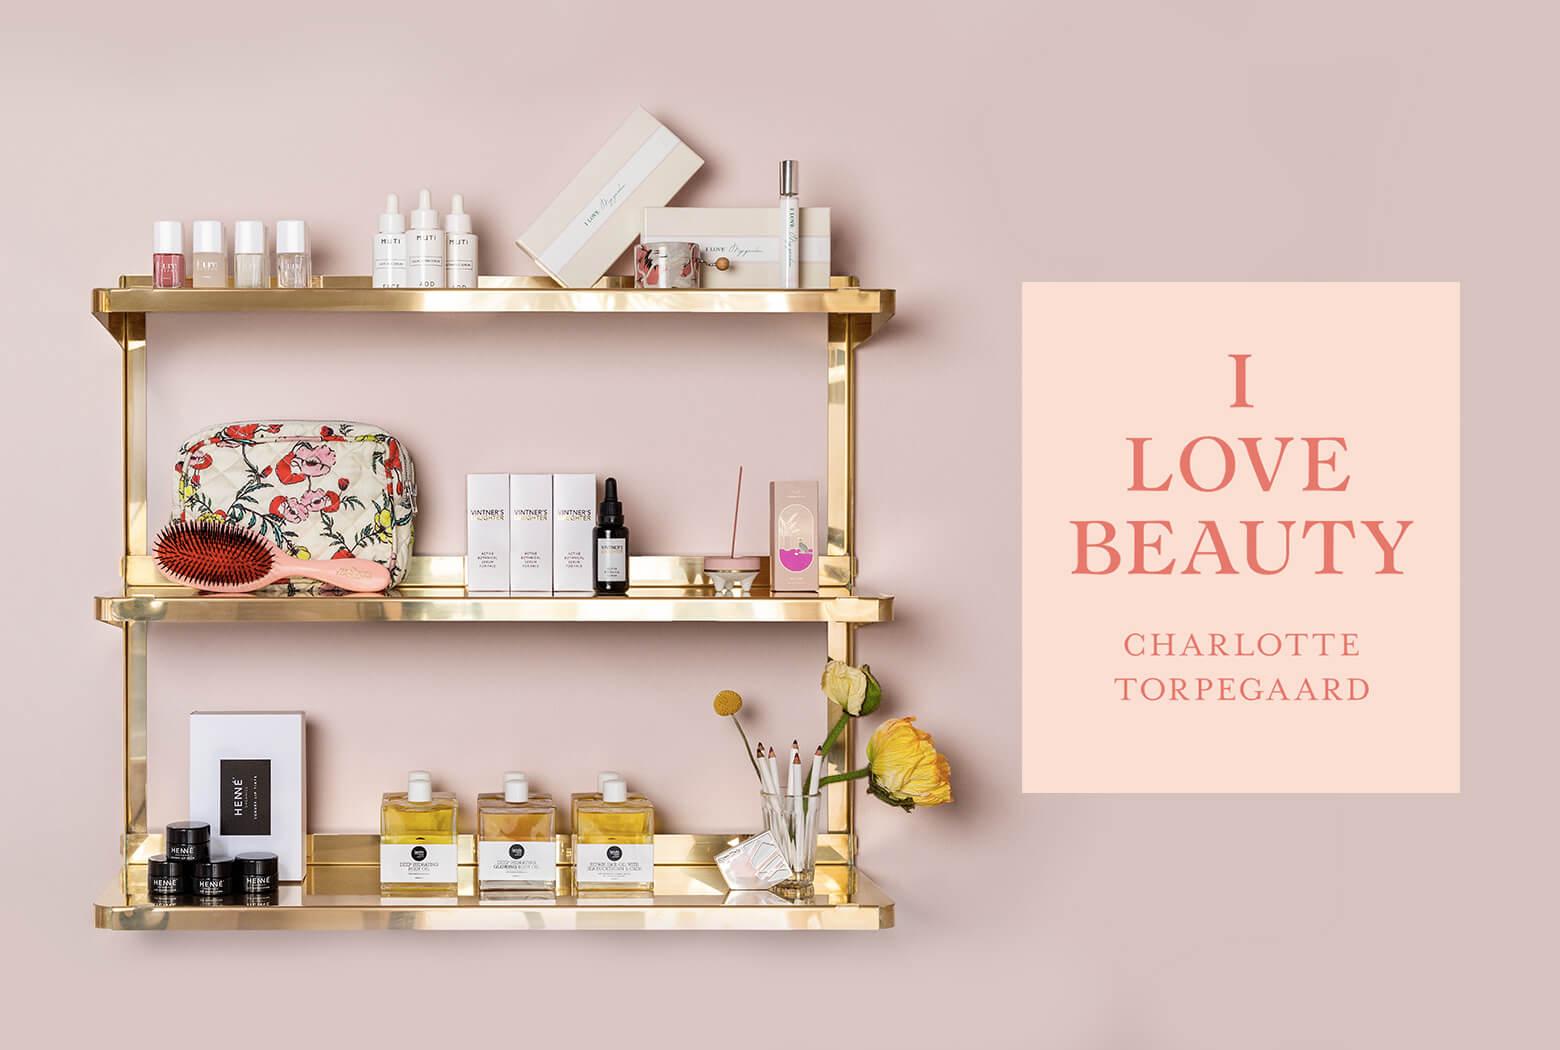 Nye Den dér tørbørstning - I LOVE BEAUTY / Charlotte Torpegaard QC-33